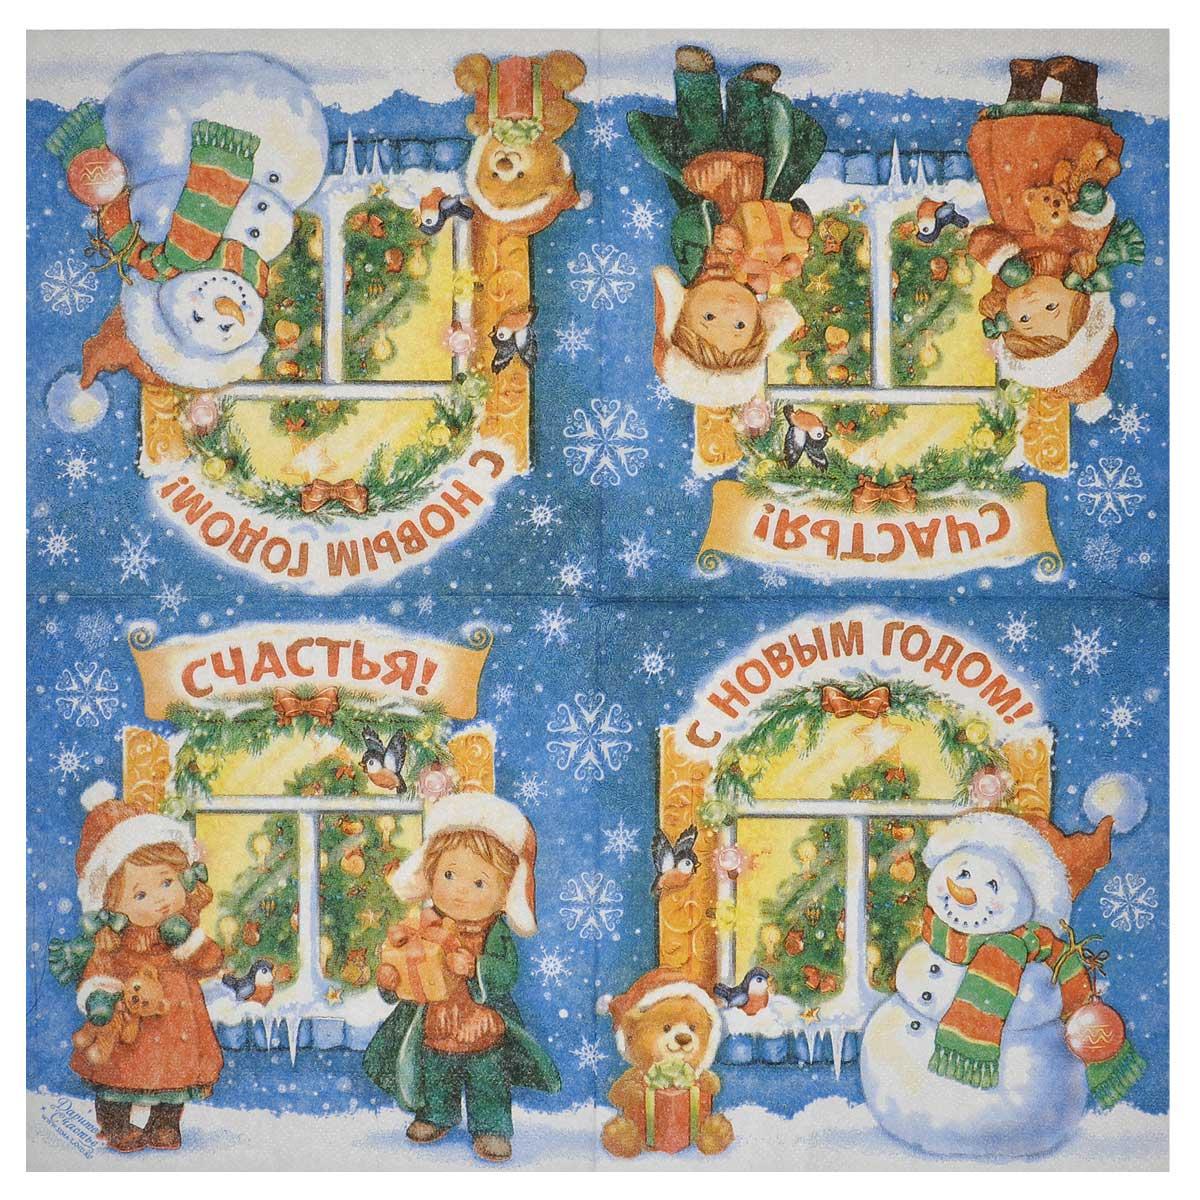 Салфетка для декупажа Sima-land Новогоднее торжество, 33 х 33 см1130748Салфета для декупажа Sima-land Новогоднее торжество, изготовленная из бумаги, оформлена ярким новогодним принтом. С помощью такой бумаги можно оформить практически любой предмет интерьера или сувенир к предстоящим зимним праздникам. Порадуйте себя и своих близких, выполненным шедевром своими руками! Декупаж - техника декорирования различных предметов, основанная на присоединении рисунка, картины или орнамента (обычного вырезанного) к предмету и далее покрытии полученной композиции лаком ради эффектности, сохранности и долговечности. Размер салфетки: 33 см х 33 см.